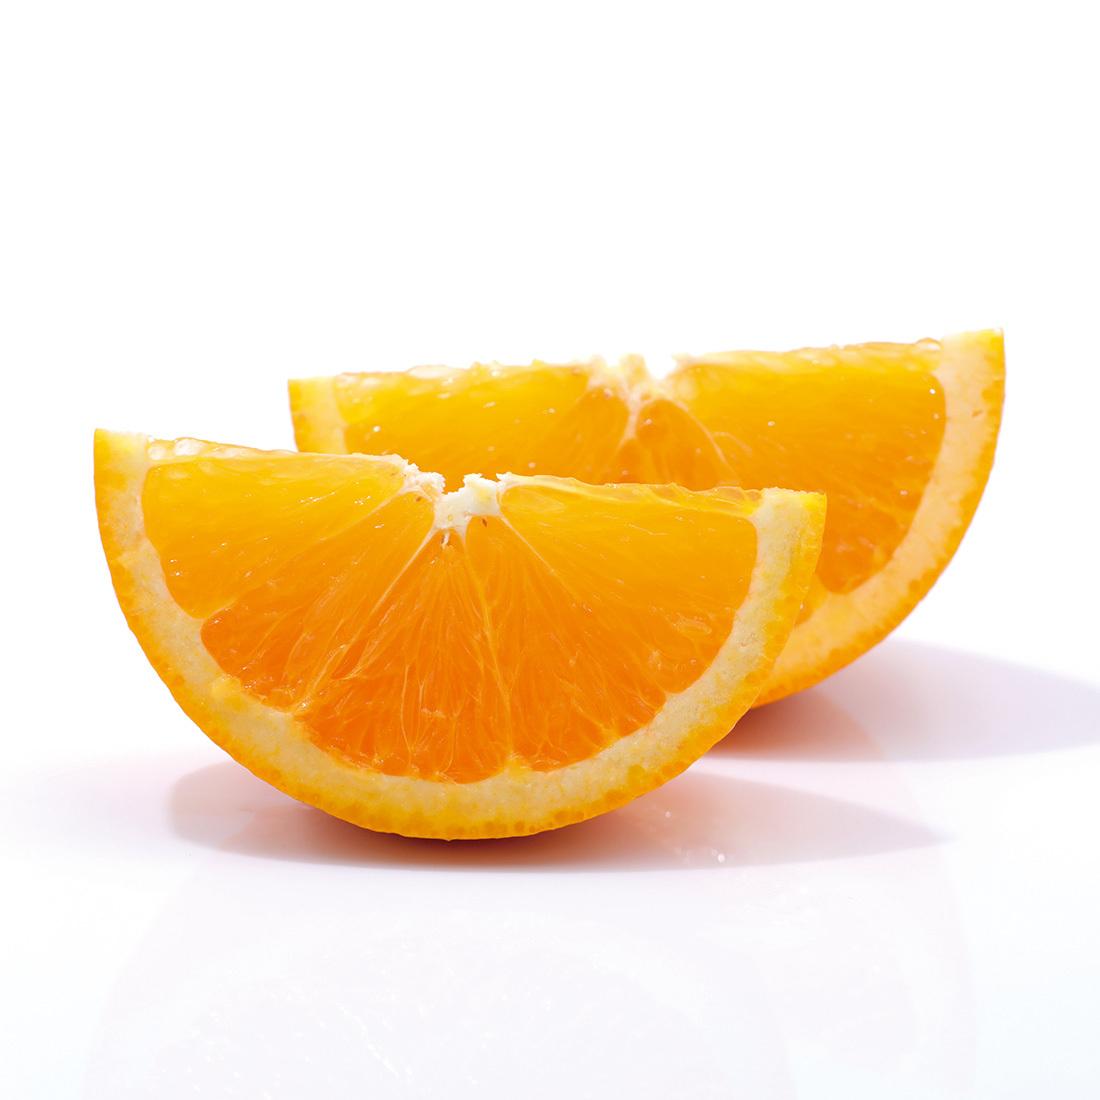 新鲜手剥橙10斤装农家超甜多汁江西赣南脐橙寻乌橙子一件代发